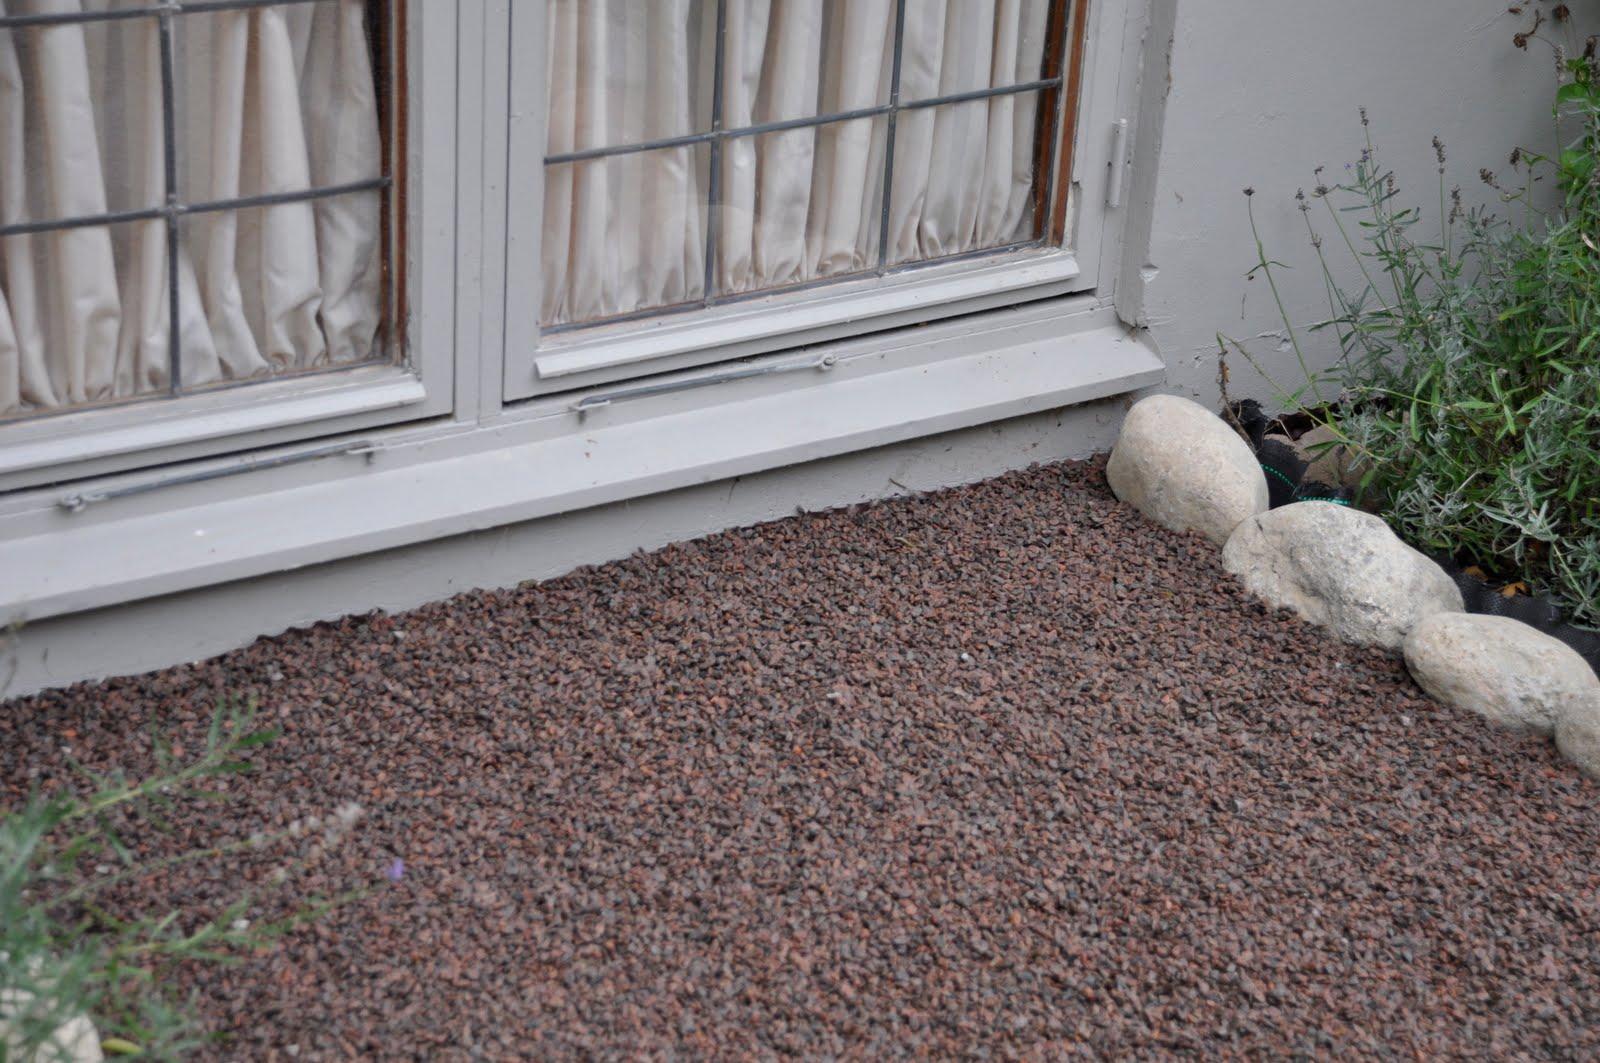 källarfönster under marknivå